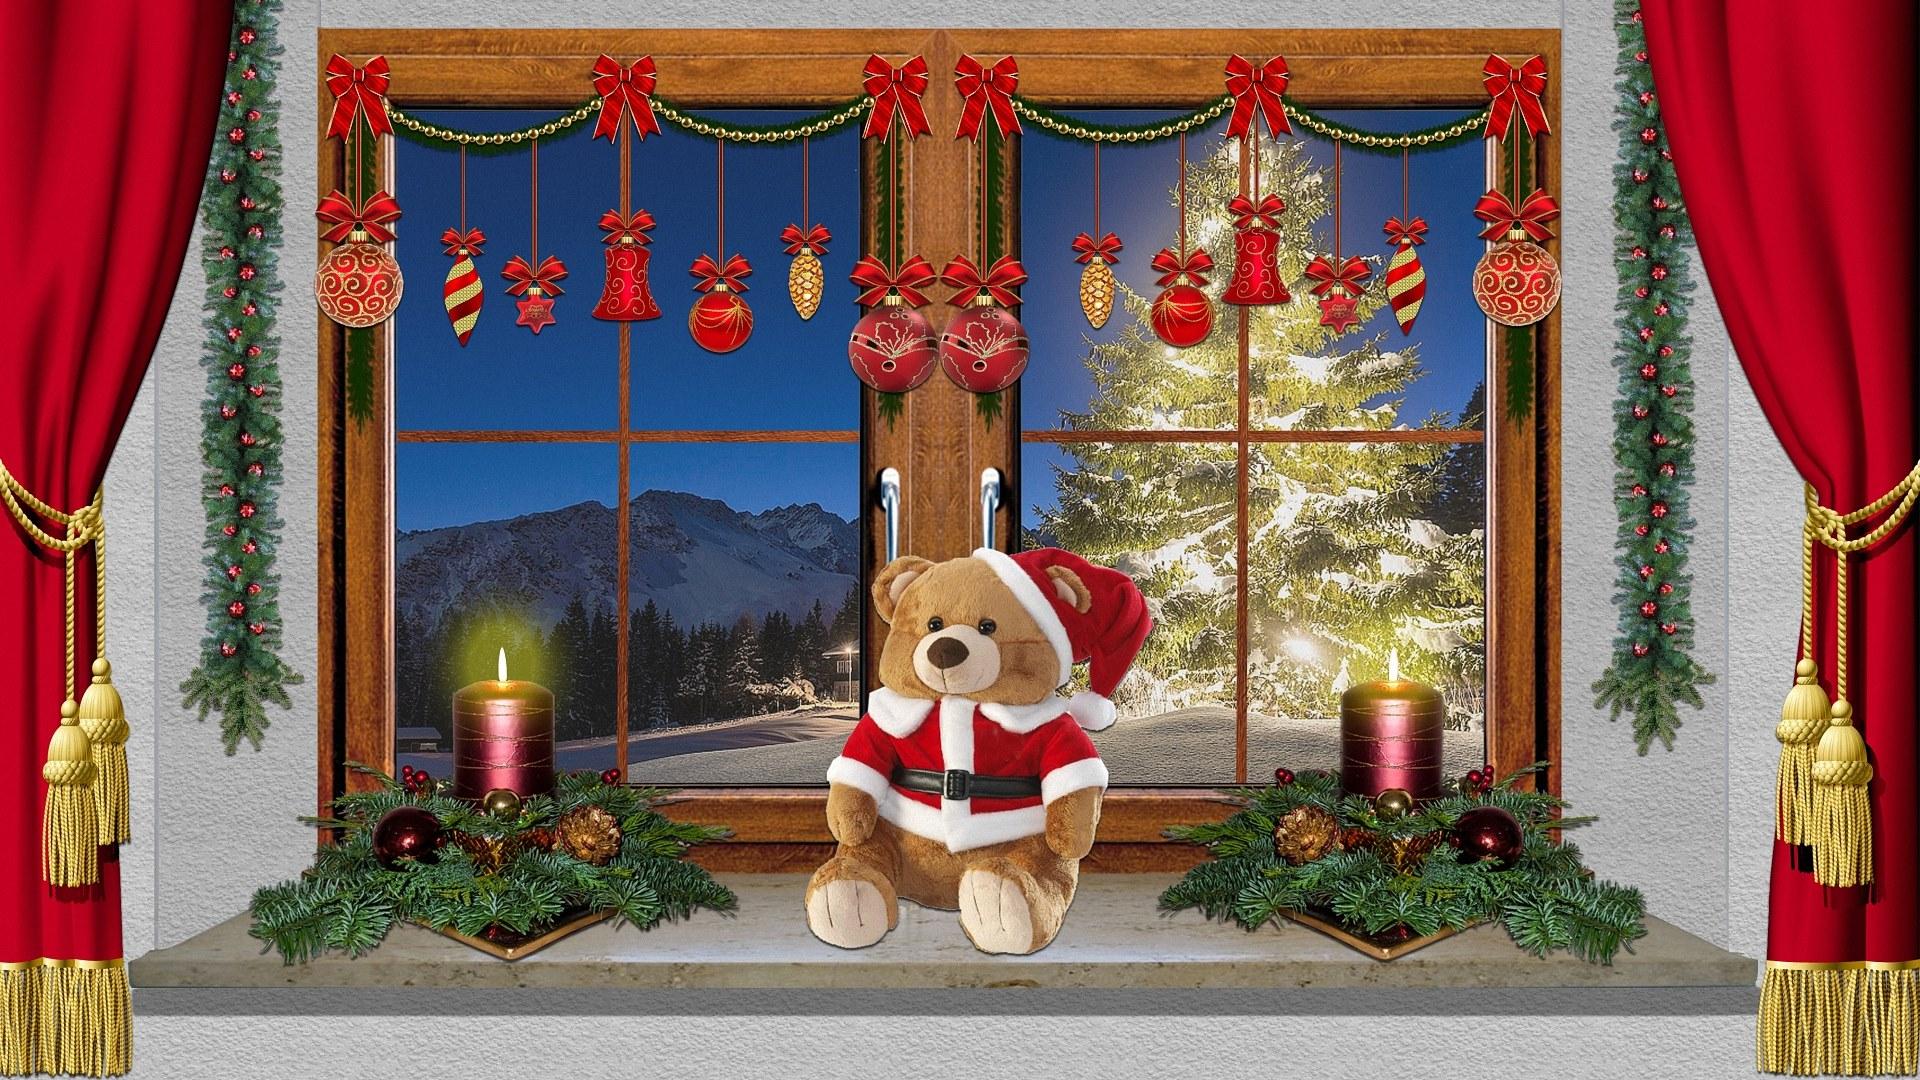 weihnachten hintergrundbilder pc 1920x1080. Black Bedroom Furniture Sets. Home Design Ideas